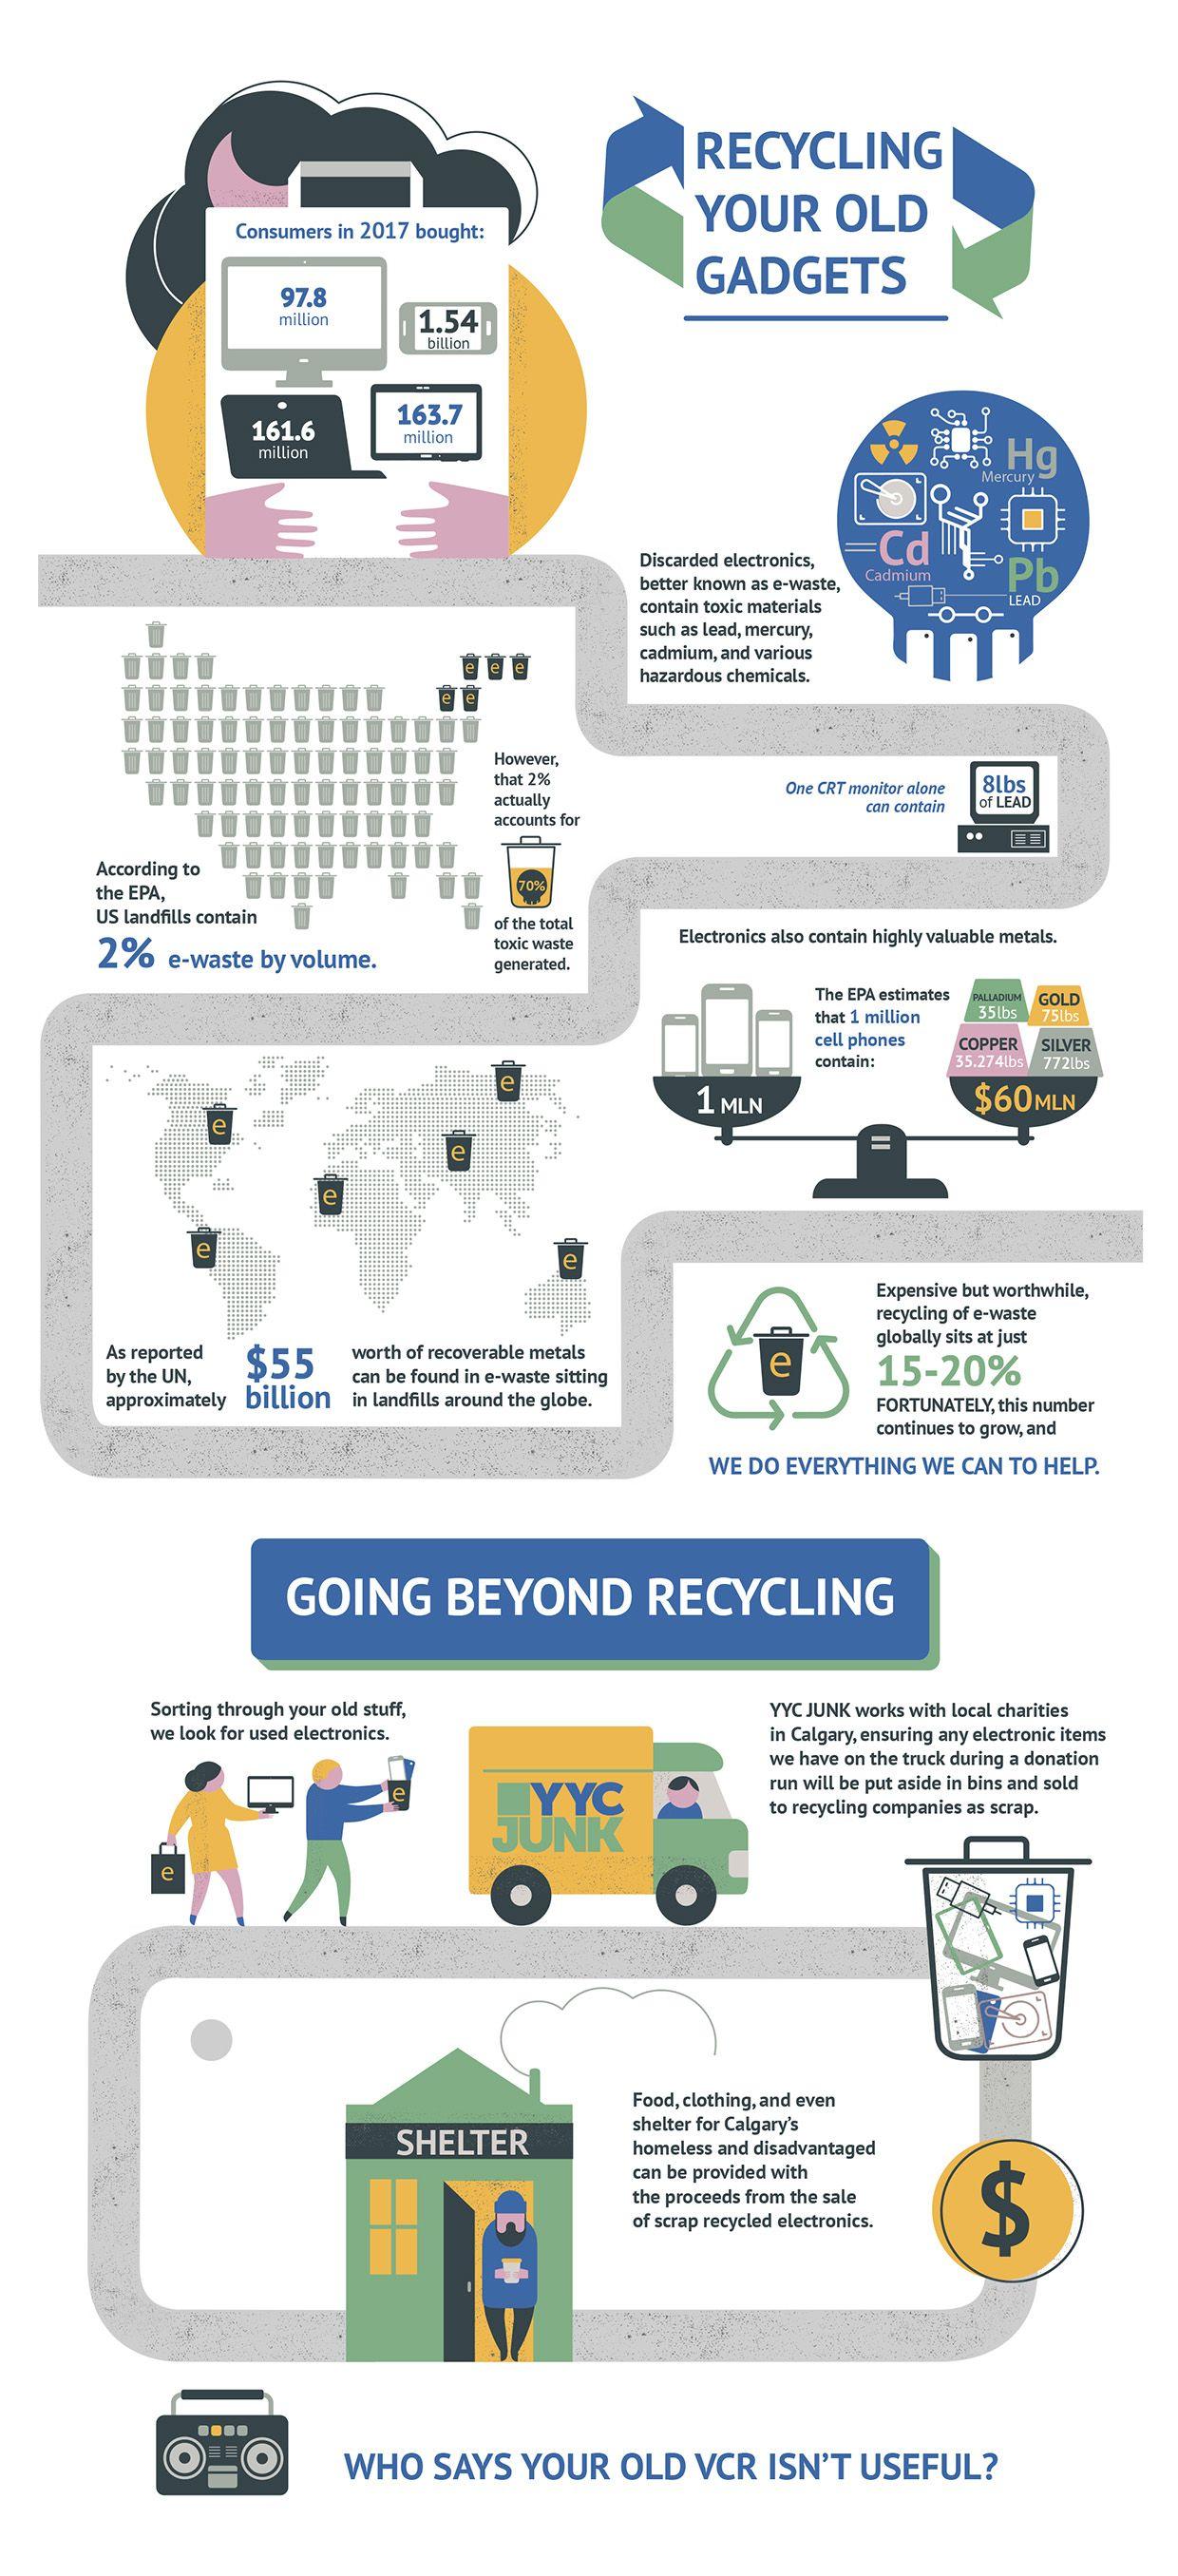 E Waste Recyling Ewaste Electronic Waste Recycling E Waste Recycling